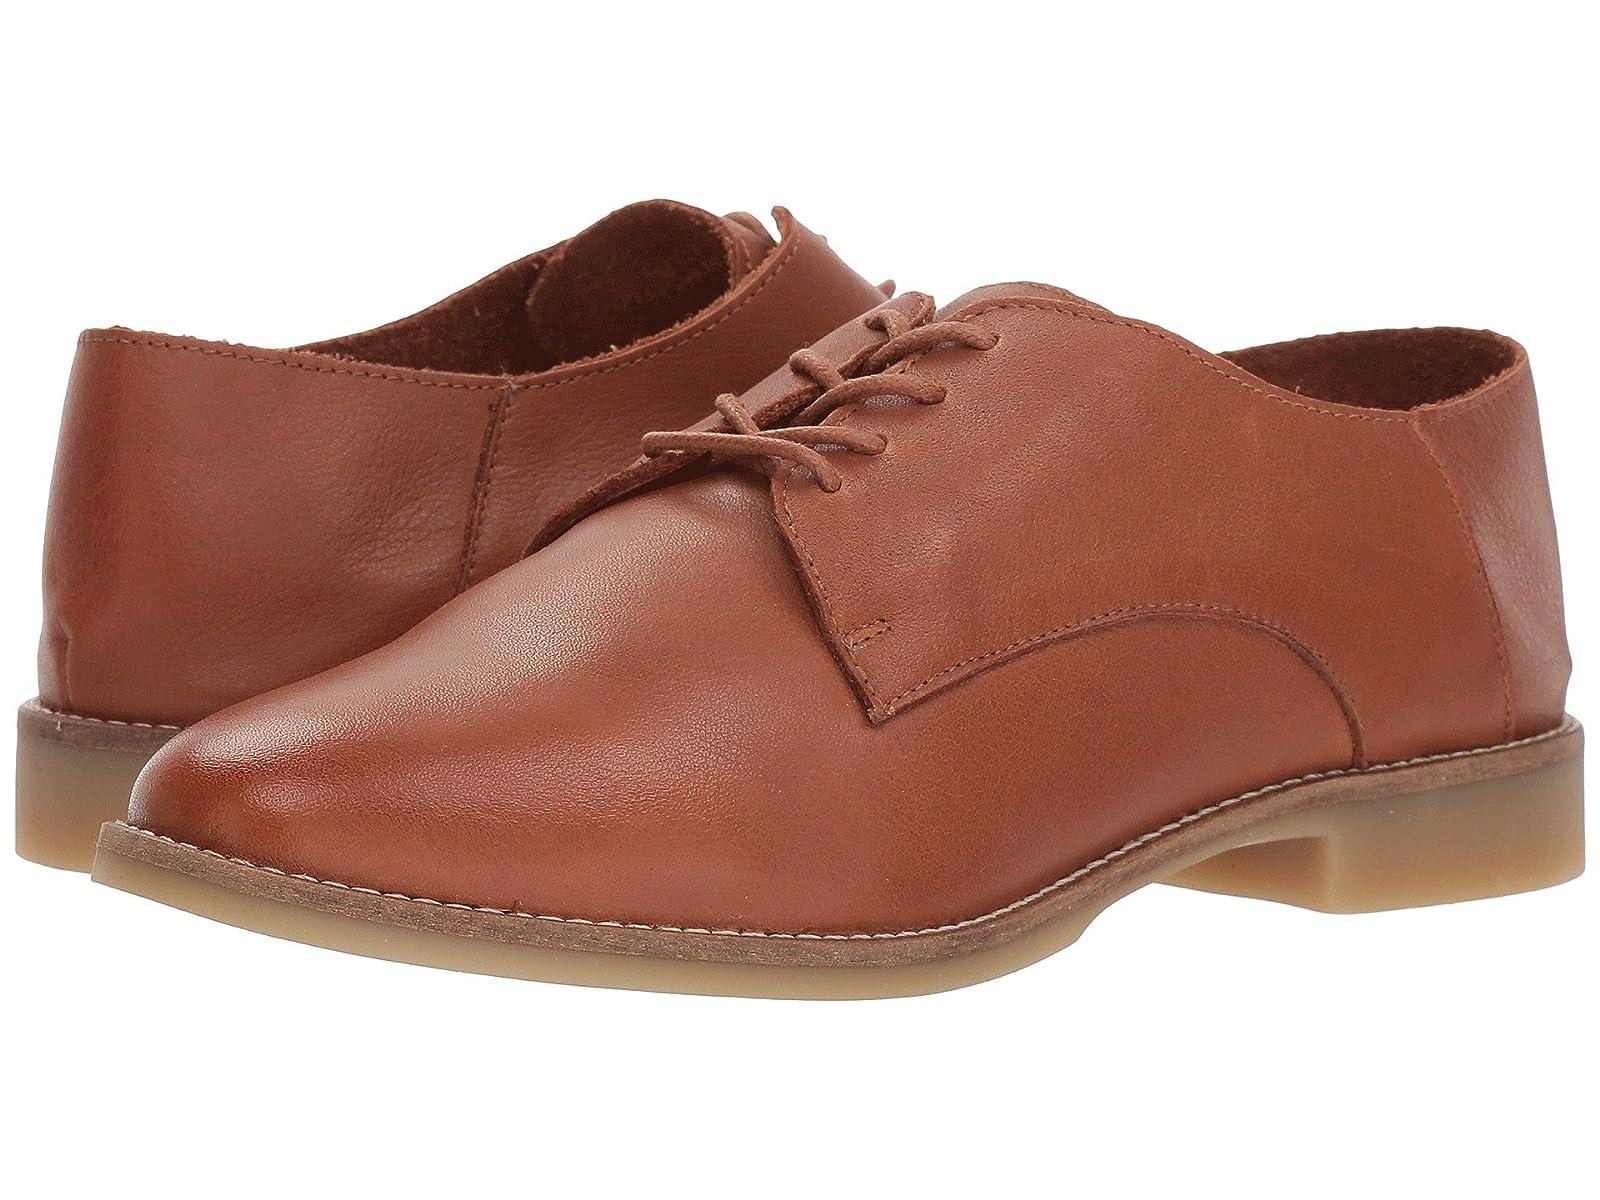 ALDO TepoliniAtmospheric grades have affordable shoes